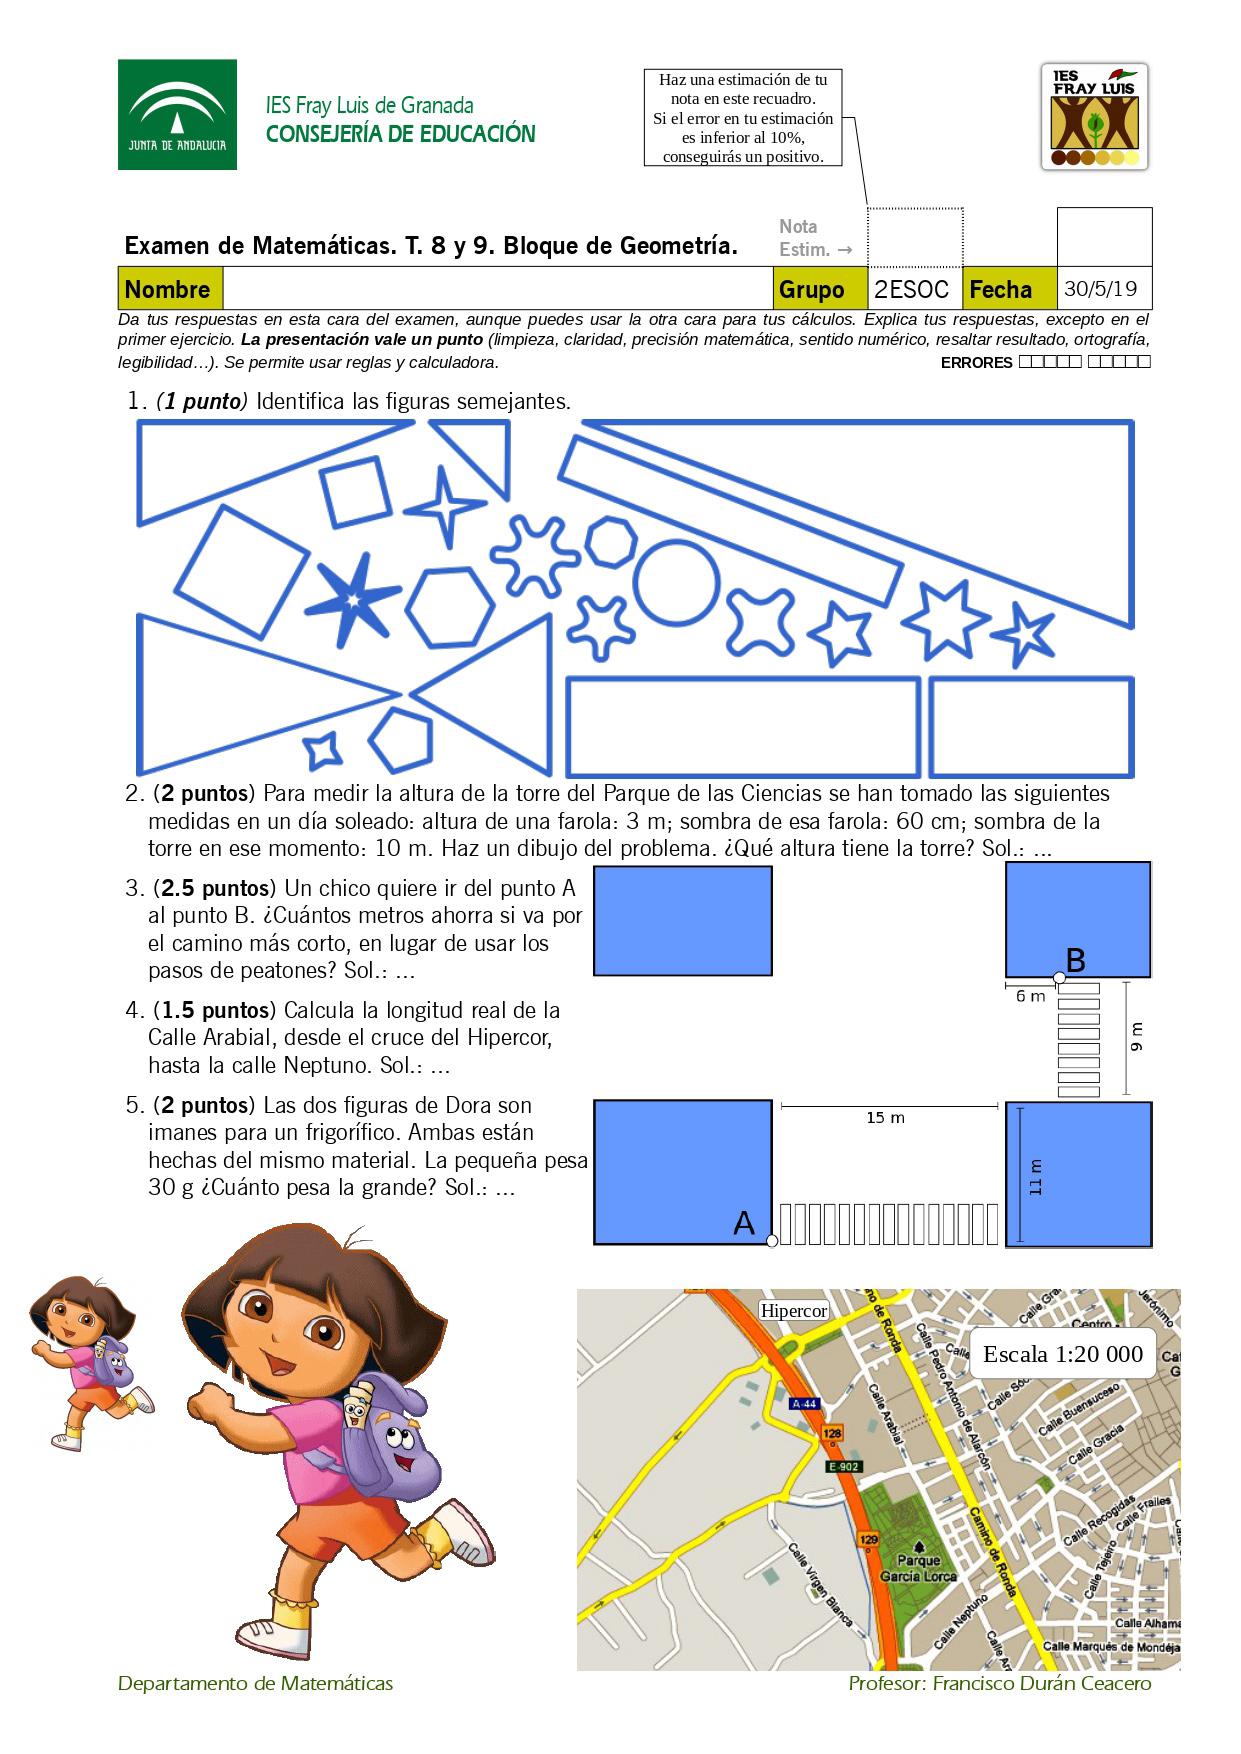 Ejemplo de examen que contiene varias imágenes generadas con Inkscape. Incluso las imágenes de Dora o el plano de la ciudad, que provienen de fuentes ajenas, se han tratado con Inkscape antes de incorporarlas al examen, por la facilidad del programa para ajustar tamaños, disponer objetos sobre otros objetos, etc.